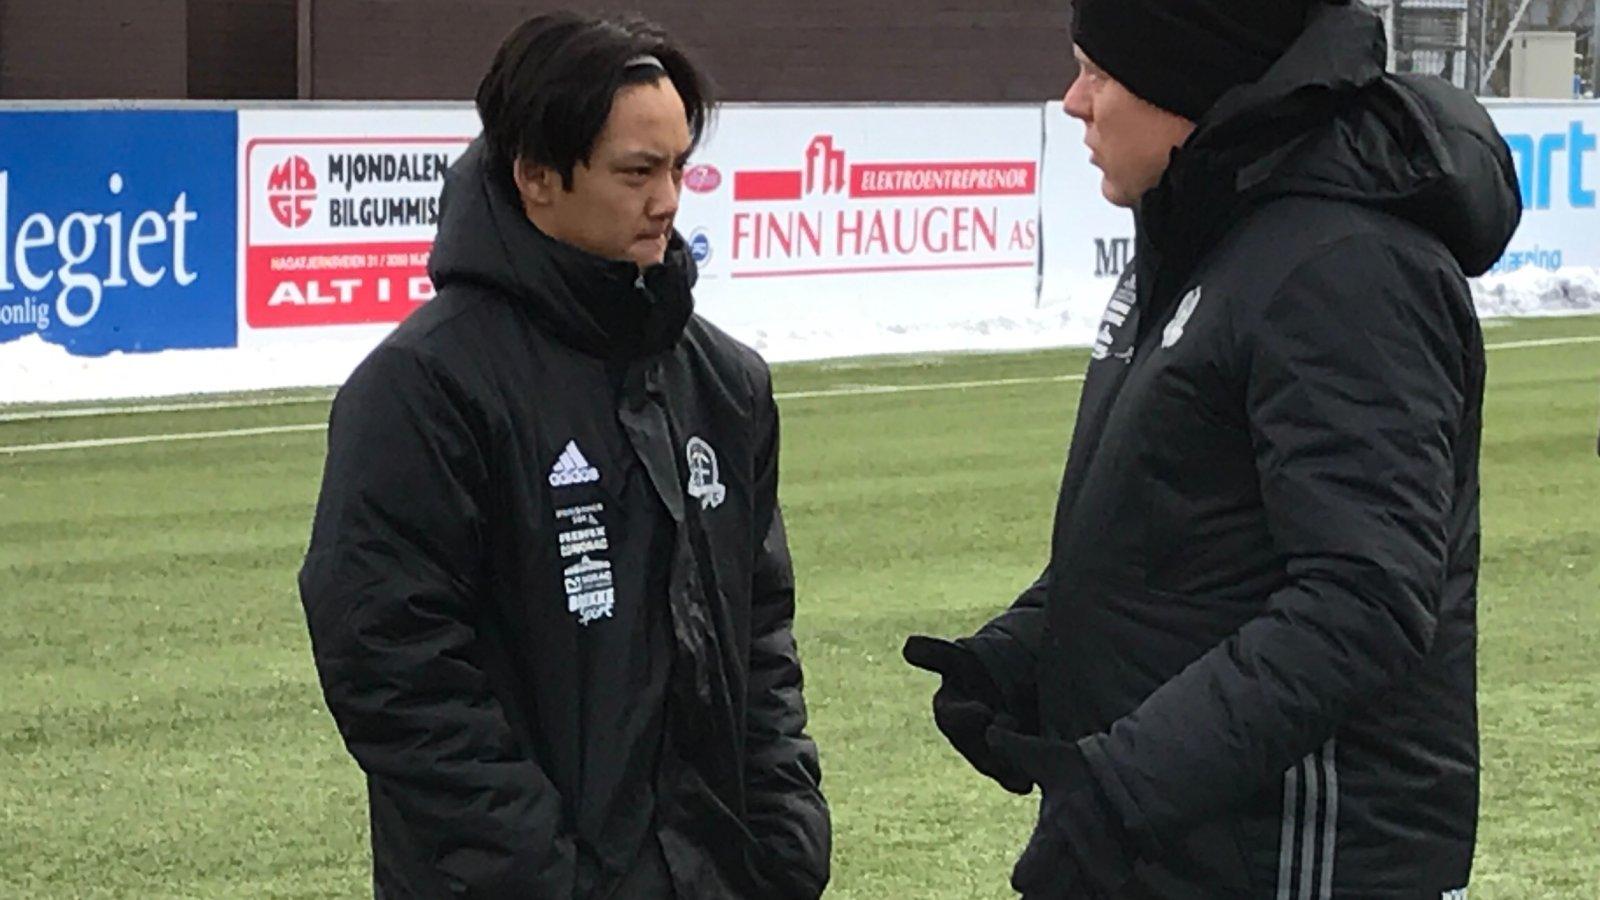 17 år gamle Tasso Dwe har startet de to siste treningskampene for Arendal. Han er også med Frank Bredal og resten av troppen til Sandnes denne helgen.